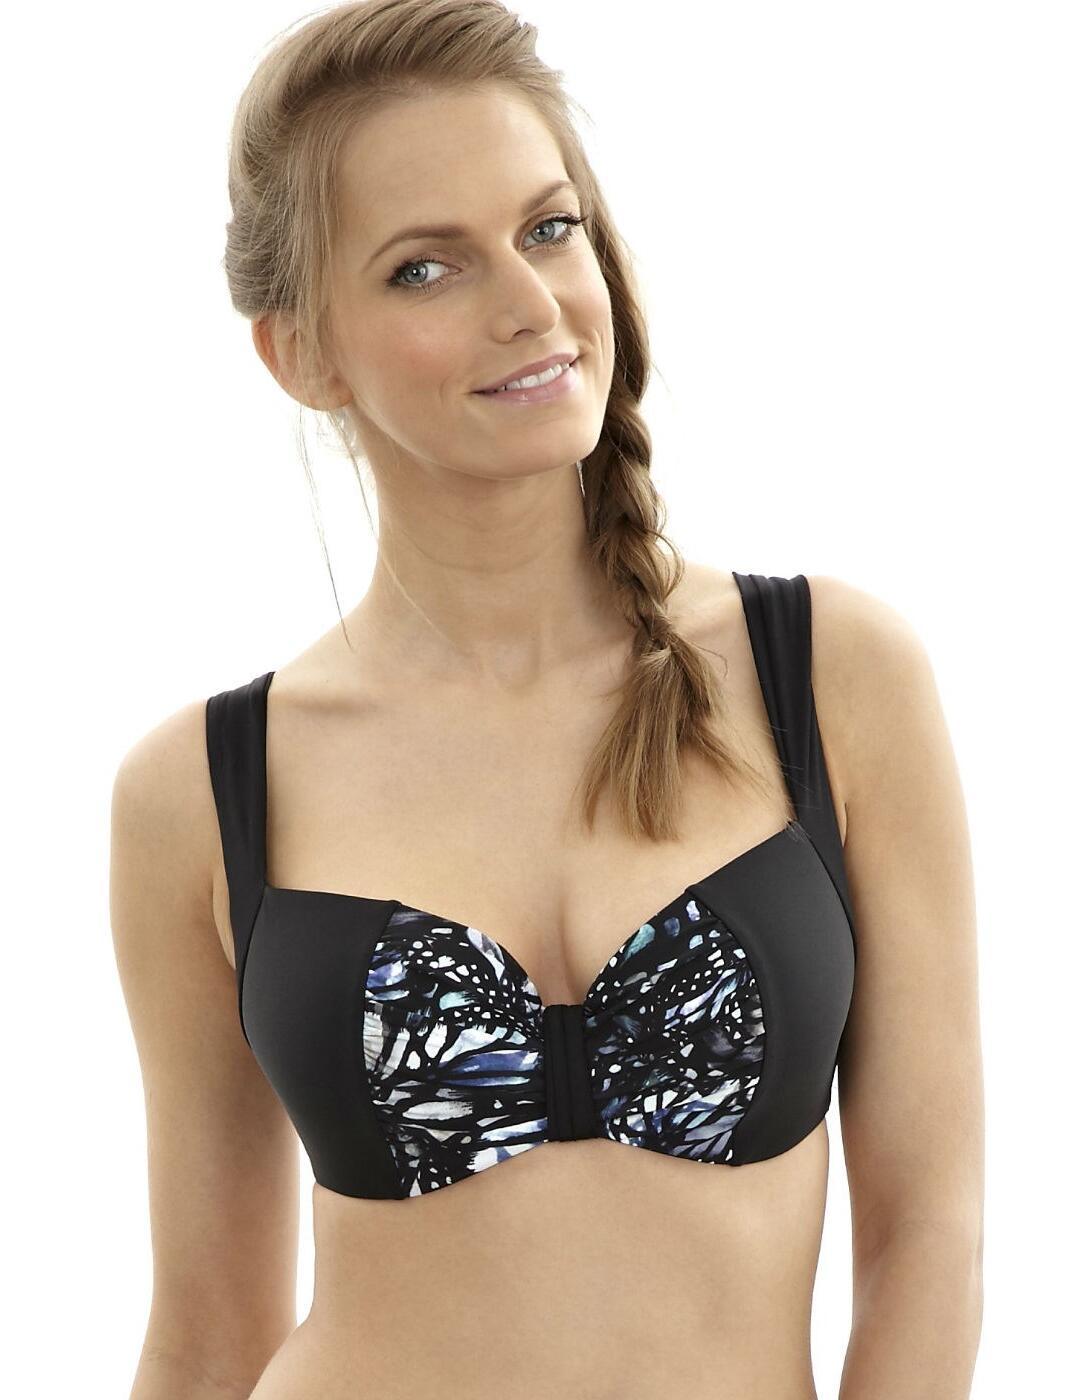 SW0932 Panache Annalise Balcony Bikini Top Butterfly - SW0932 Butterfly